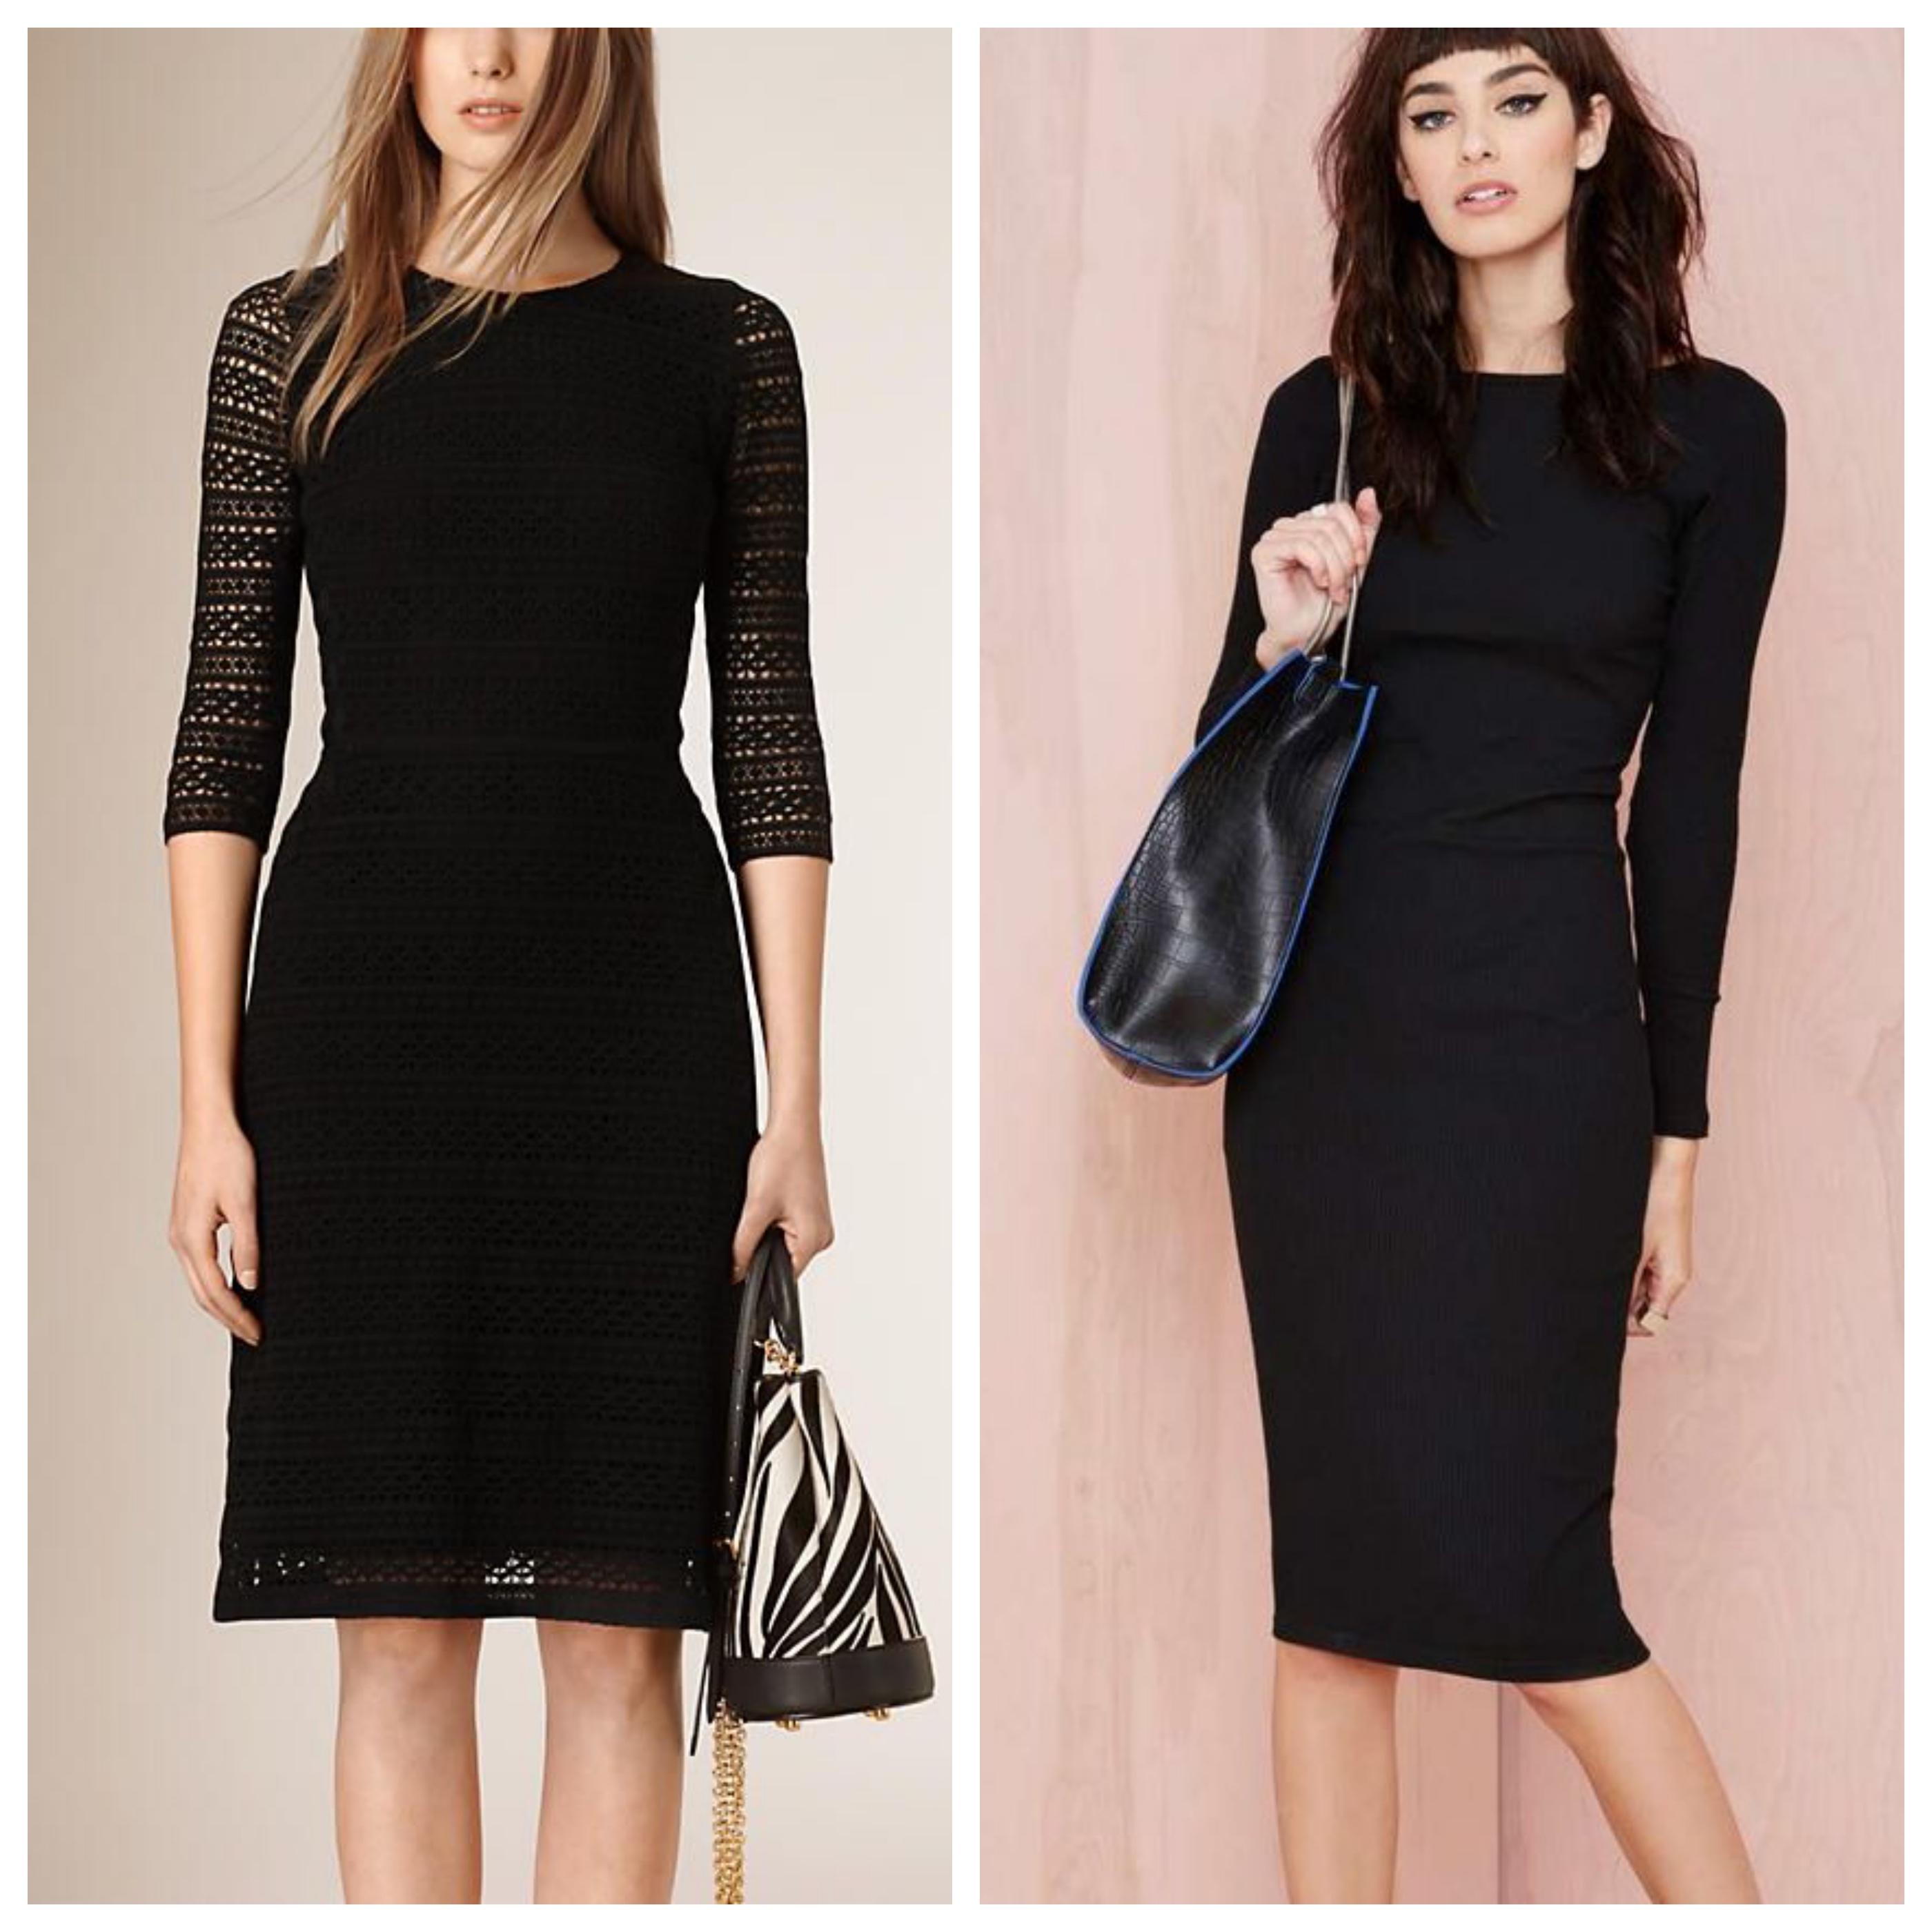 Сумка под черное платье